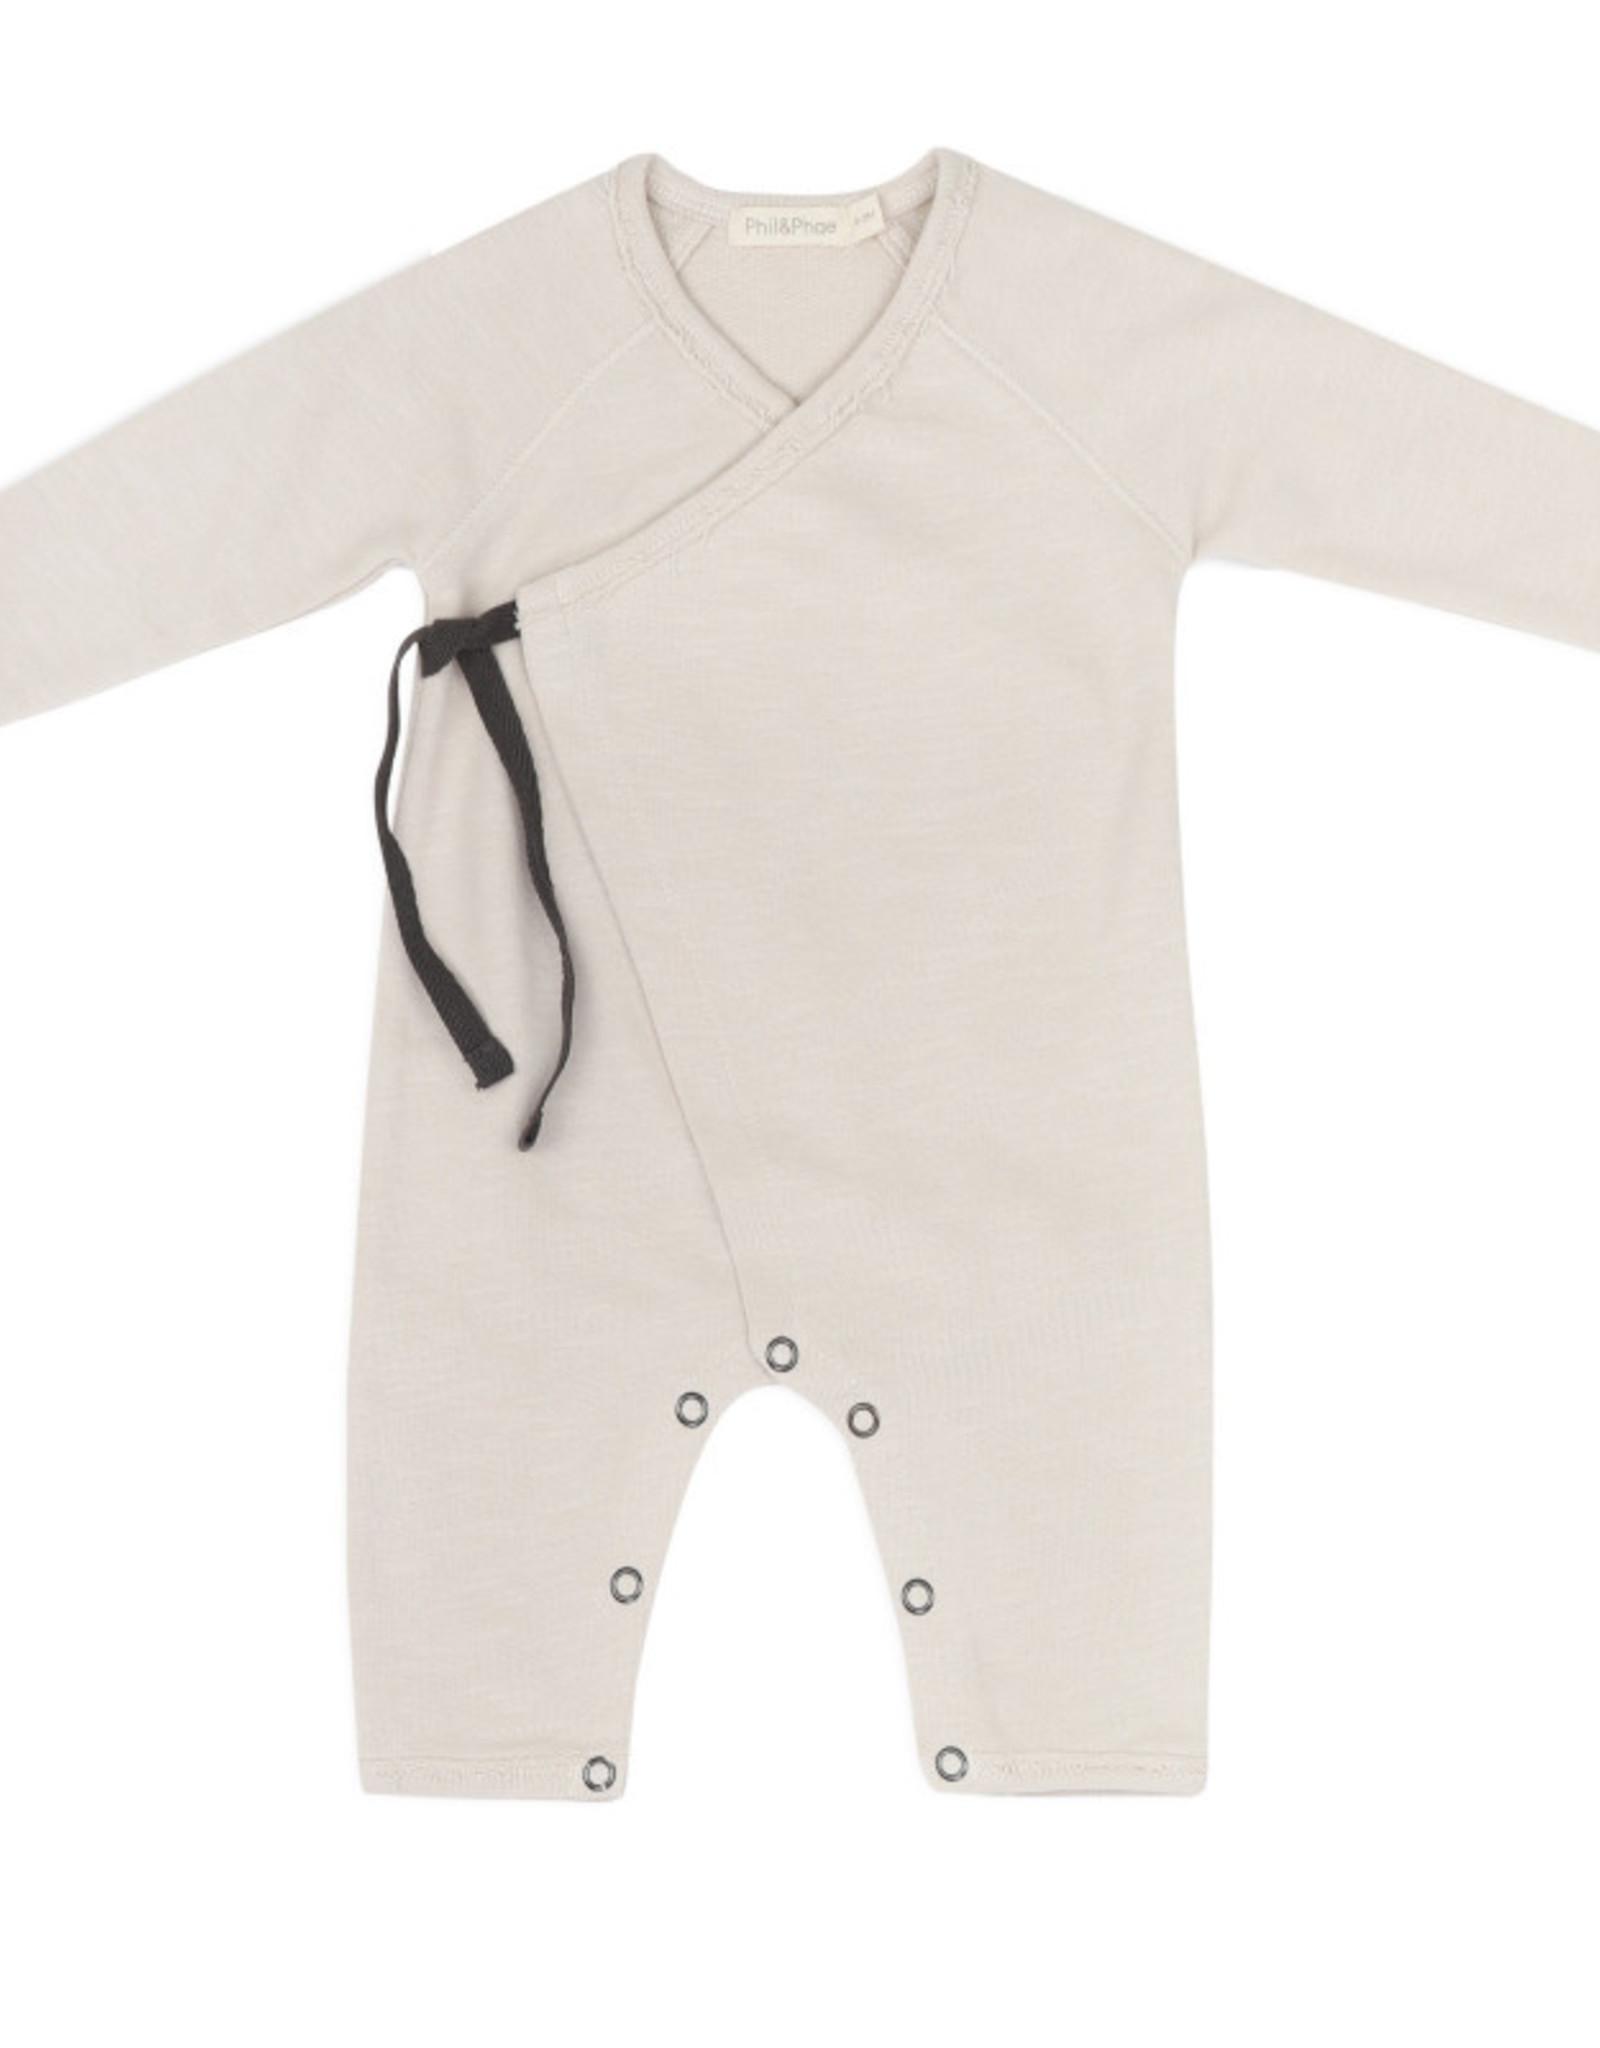 Phil & Phae Cross-Over Newborn Suit